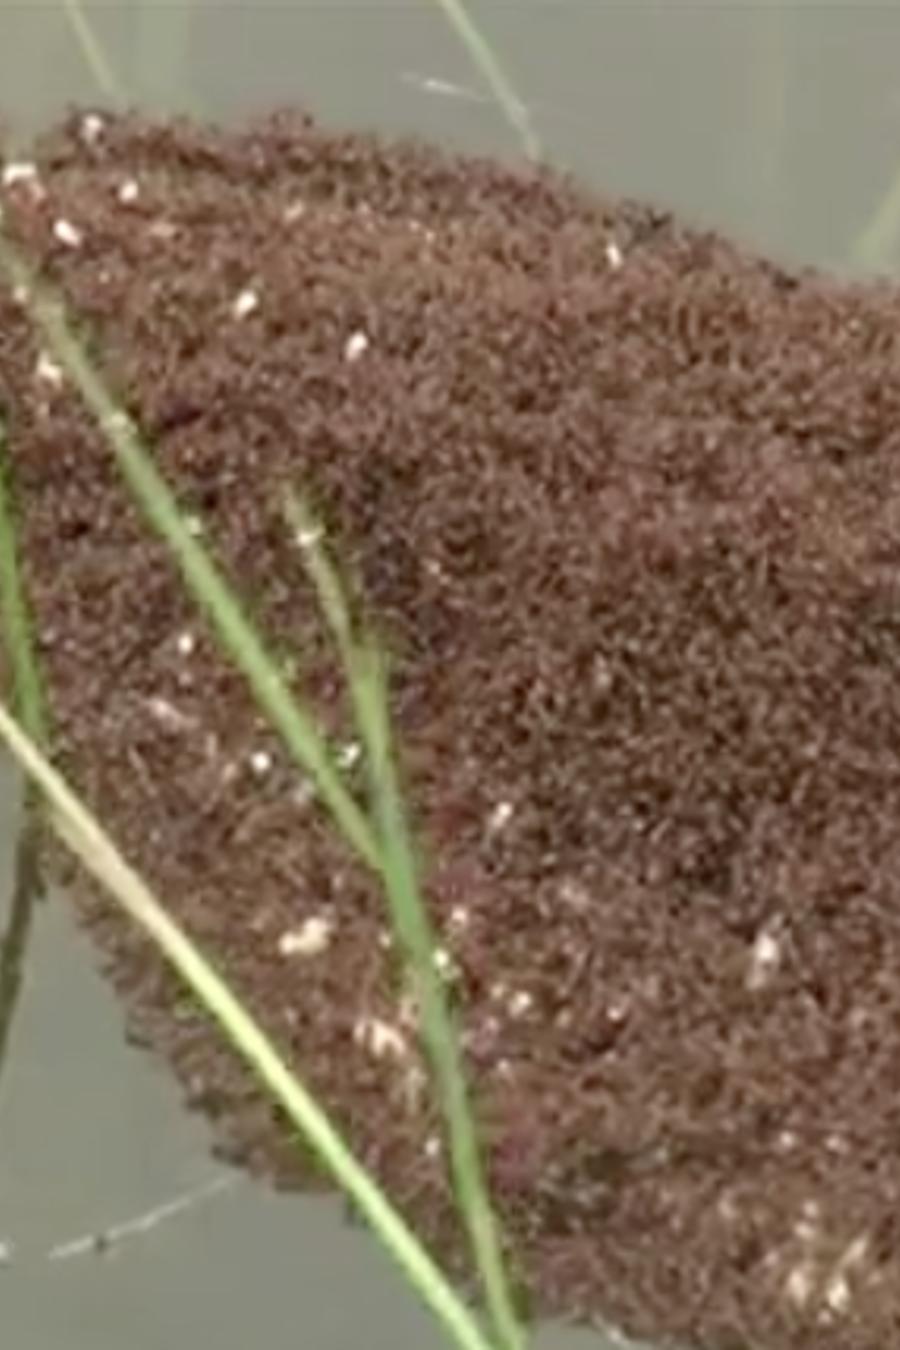 Una masa de hormigas rojas flotando, en una imagen de archivo.